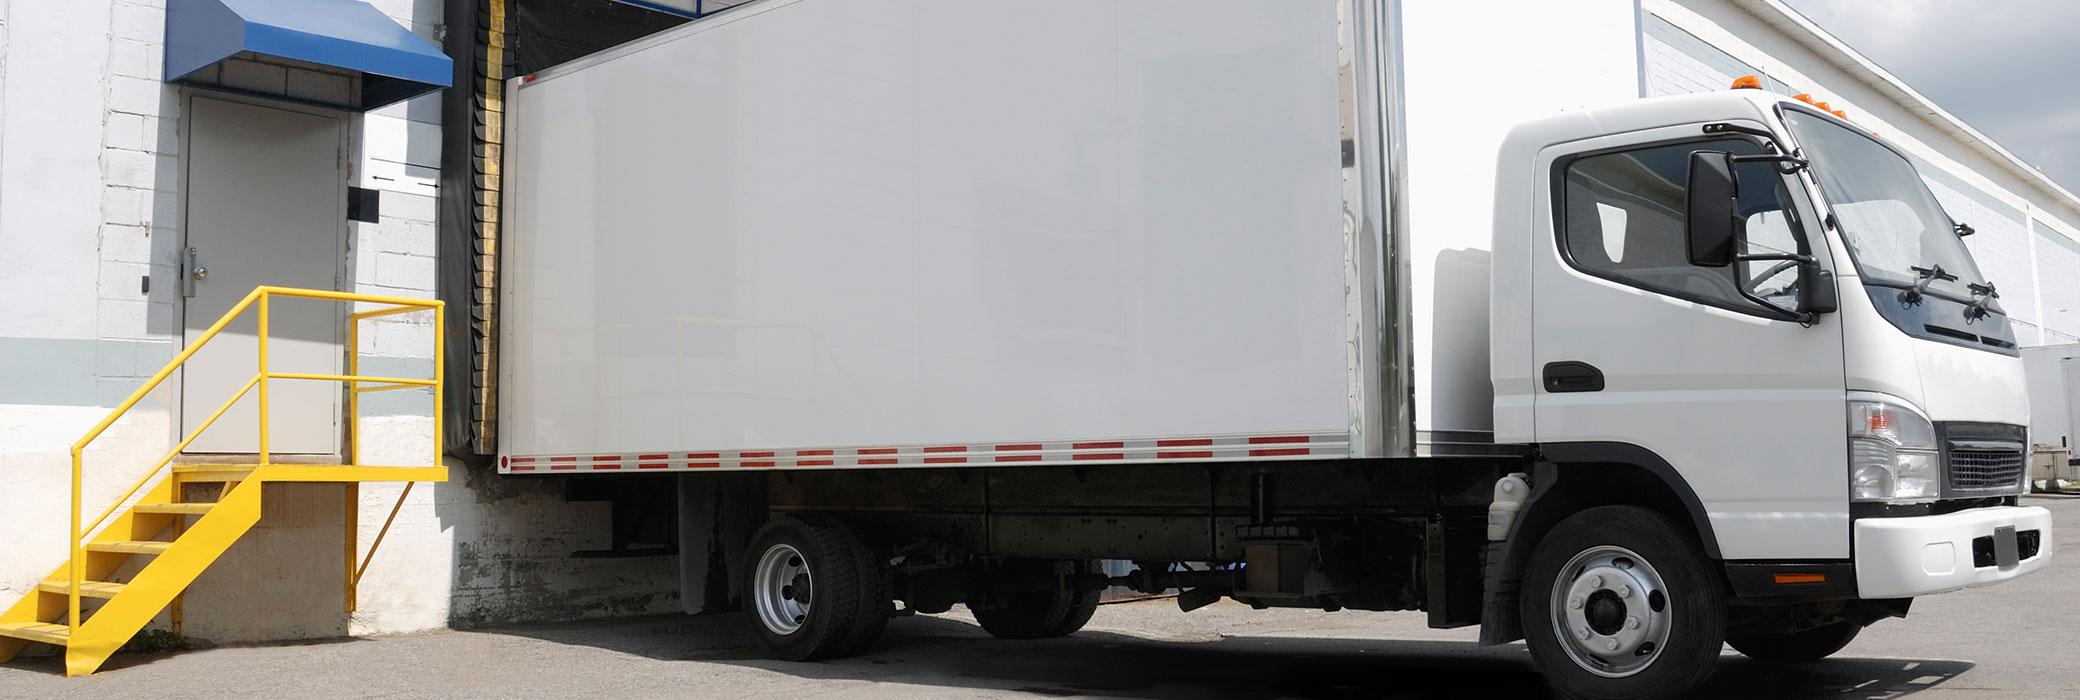 Vehículo de reparto blanco detenido delante de un edificio para recibir la carga